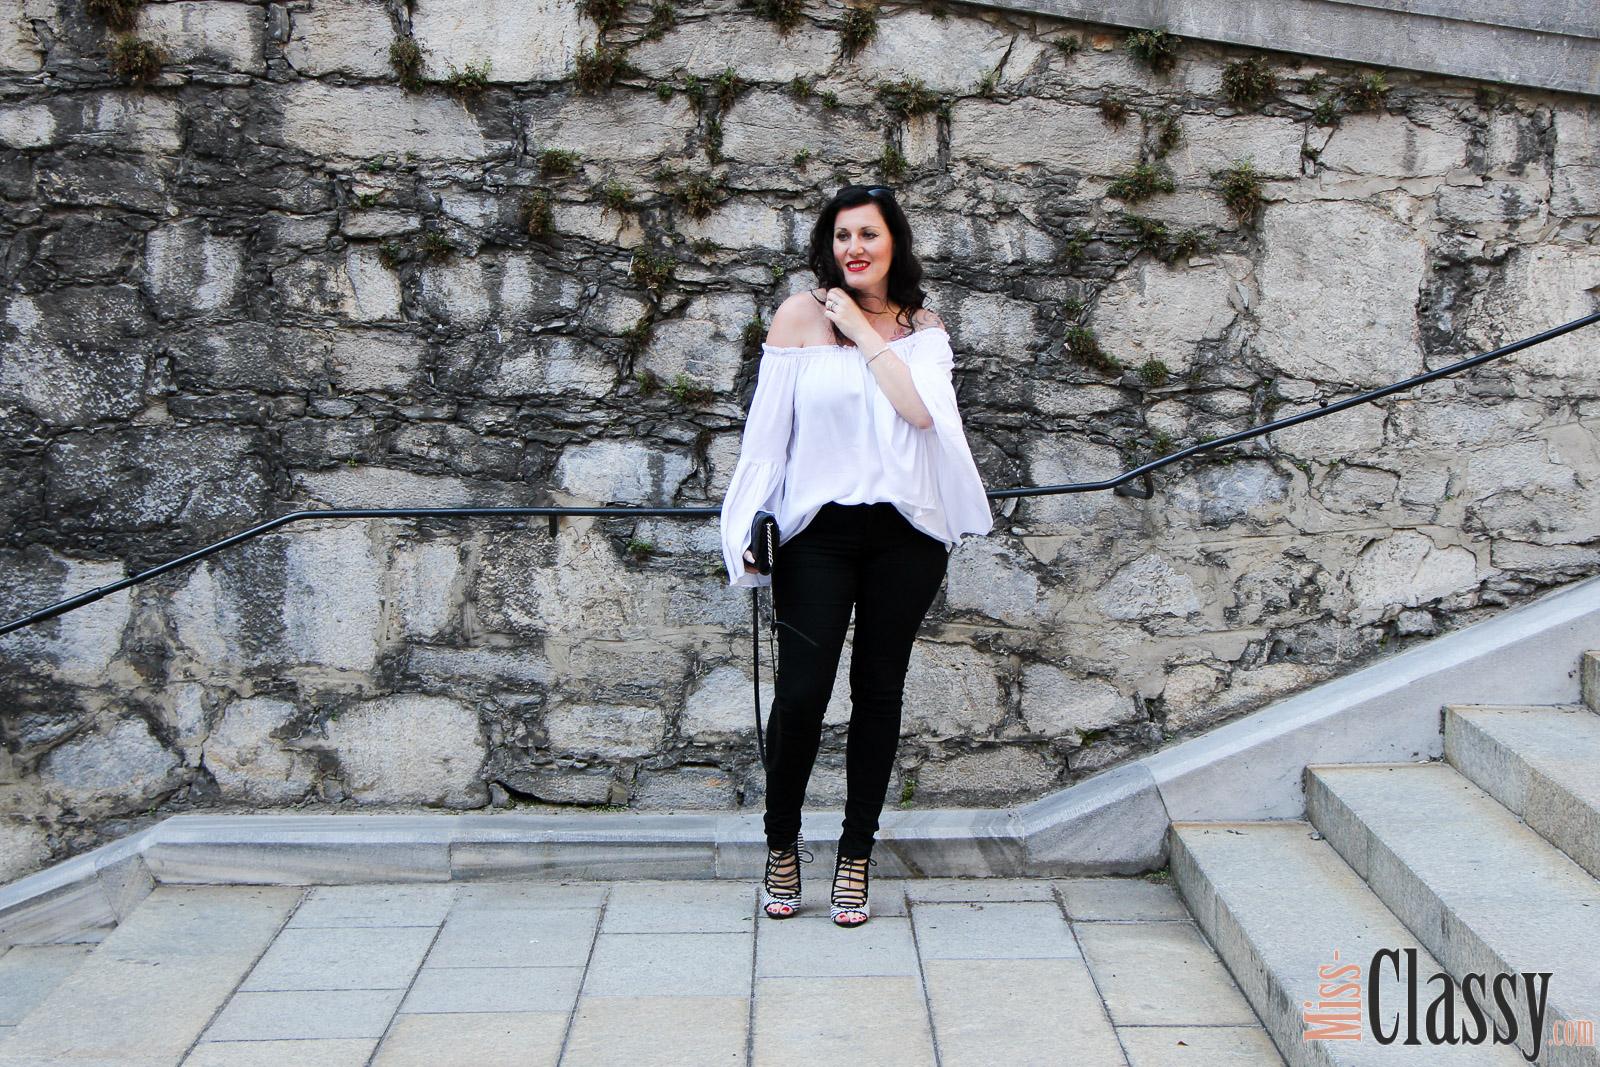 OUTFIT Black & White – 7 Girls 7 Styles, Miss Classy, miss-classy.com, Fashionblog, Fashionblogger, Fashionblog Graz, Lifestyleblog Graz, Graz, Steiermark, Österreich, classy, beclassy, classy Fashion, Outfit, Style, Fashion, Mode, OOTD, Schwarz & Weiß, Black & White Outfit, Off-Shoulder Bluse Shein, Schwarze Jeans von Esprit, High Heels von Zara, Lippenstift MAC, MAC Life's Blood, MAC Cosmetics, Clutch Michael Kors, Blogparade, Sonnenbrille Burberry